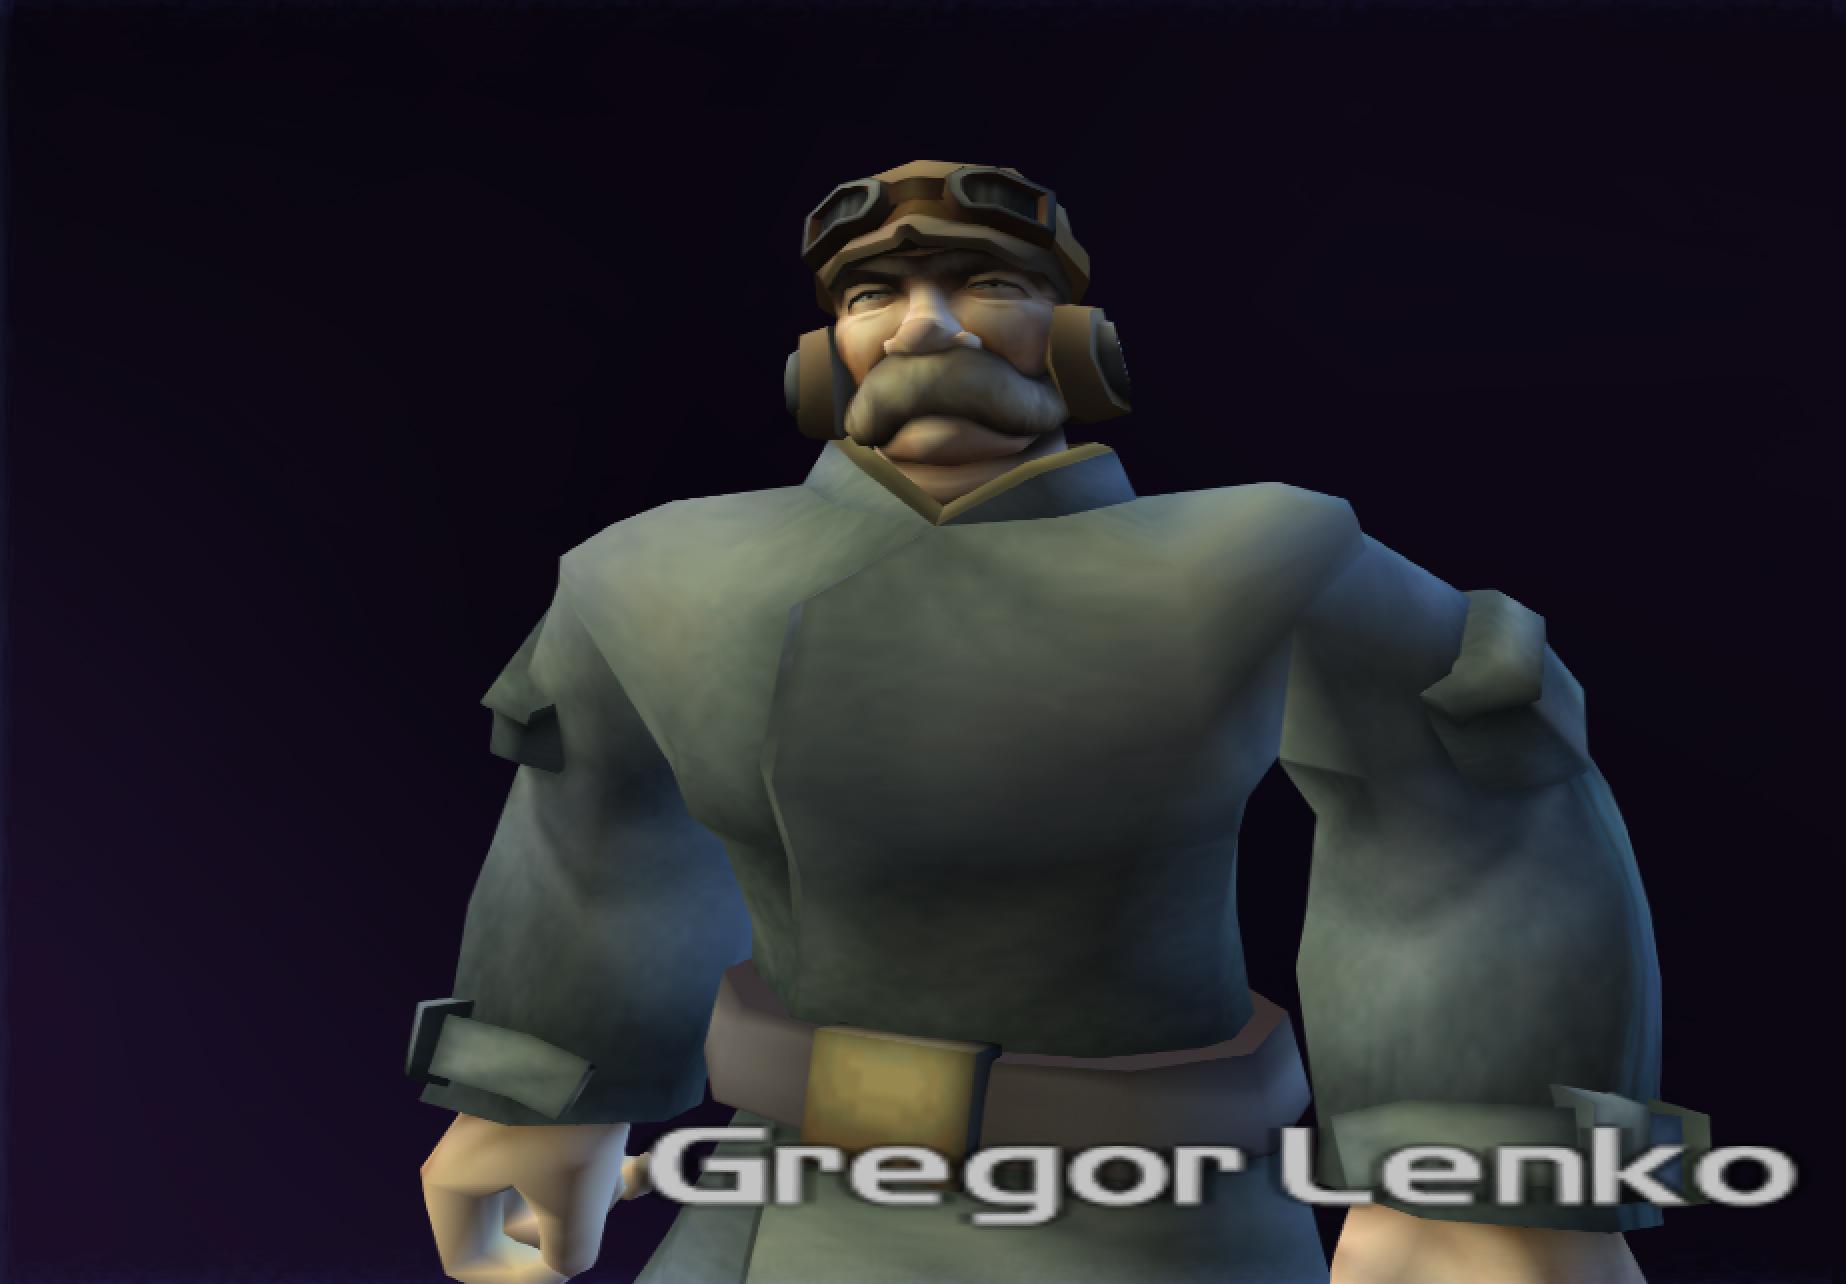 Gregor Lenko